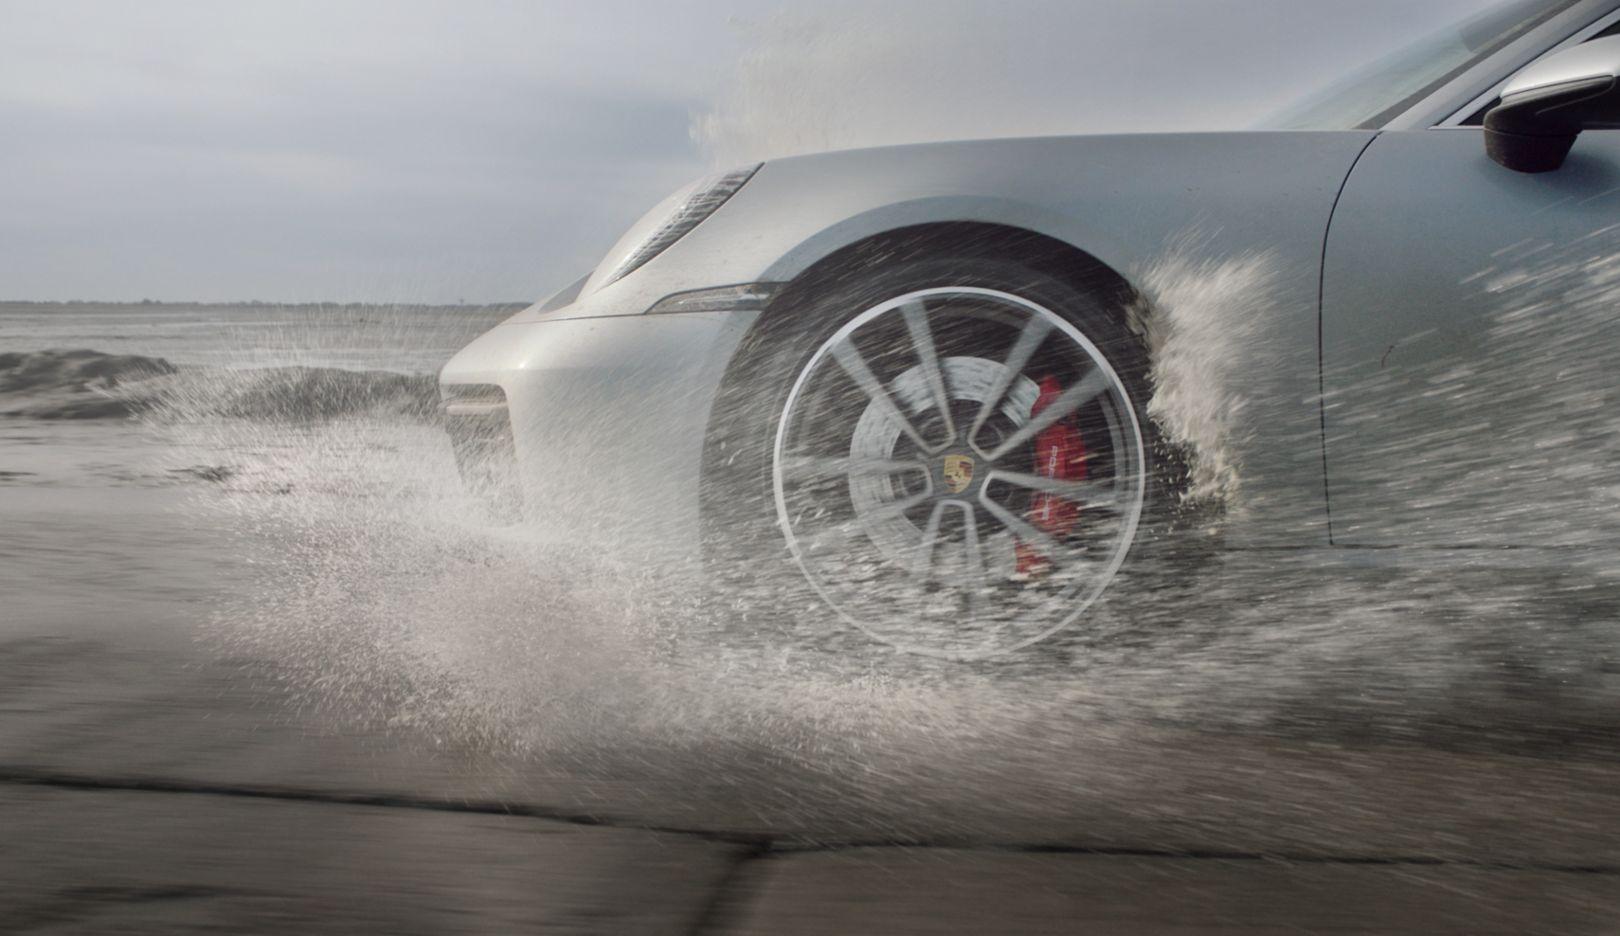 911 Carrera 4S, Passage du Gois, France, 2019, Porsche AG